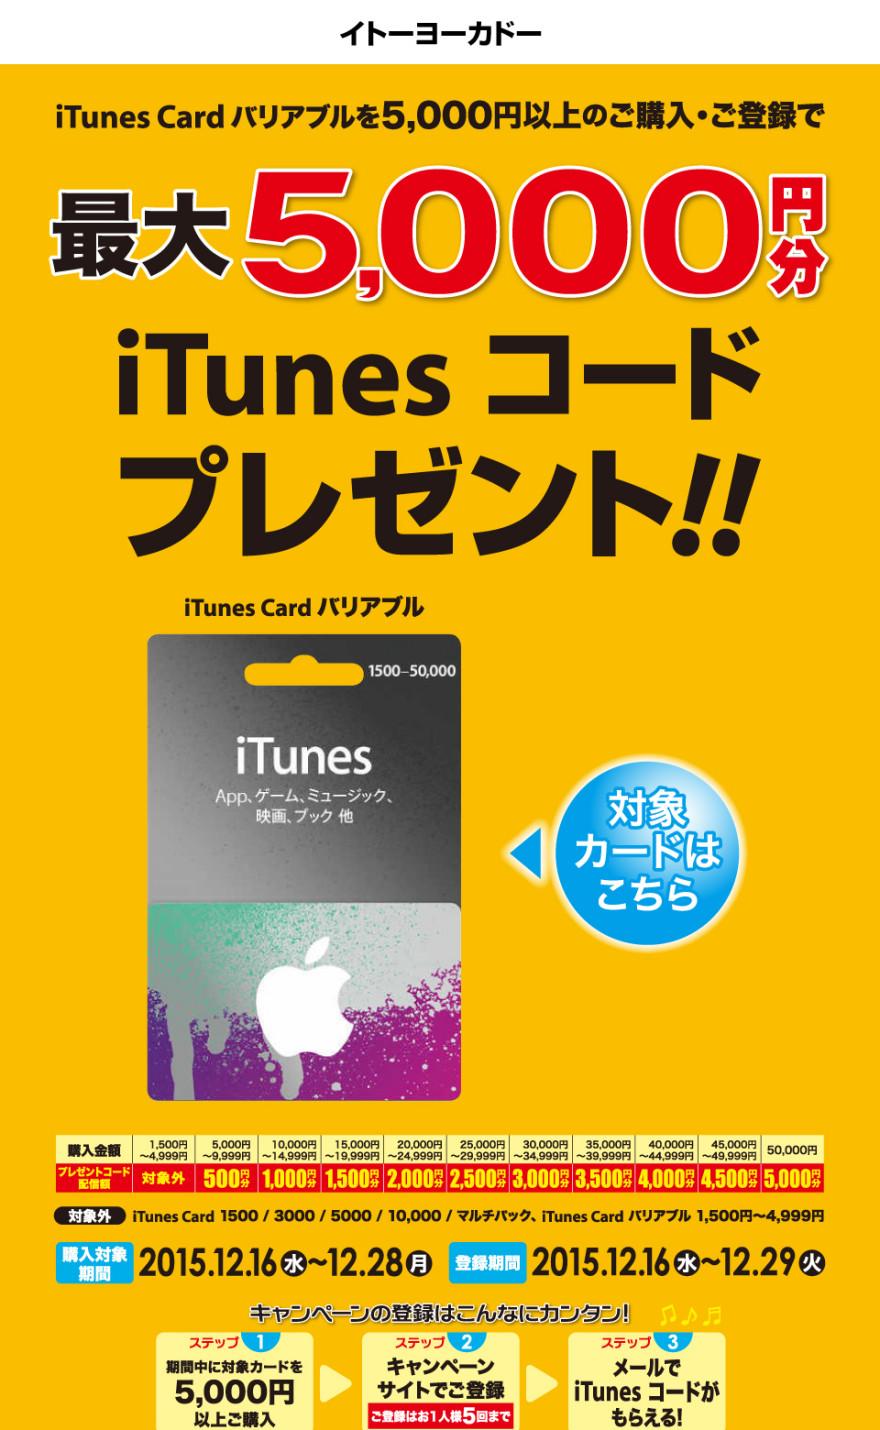 イトーヨーカドーiTunes Card バリアブル販売開始キャンペーン!お知らせ